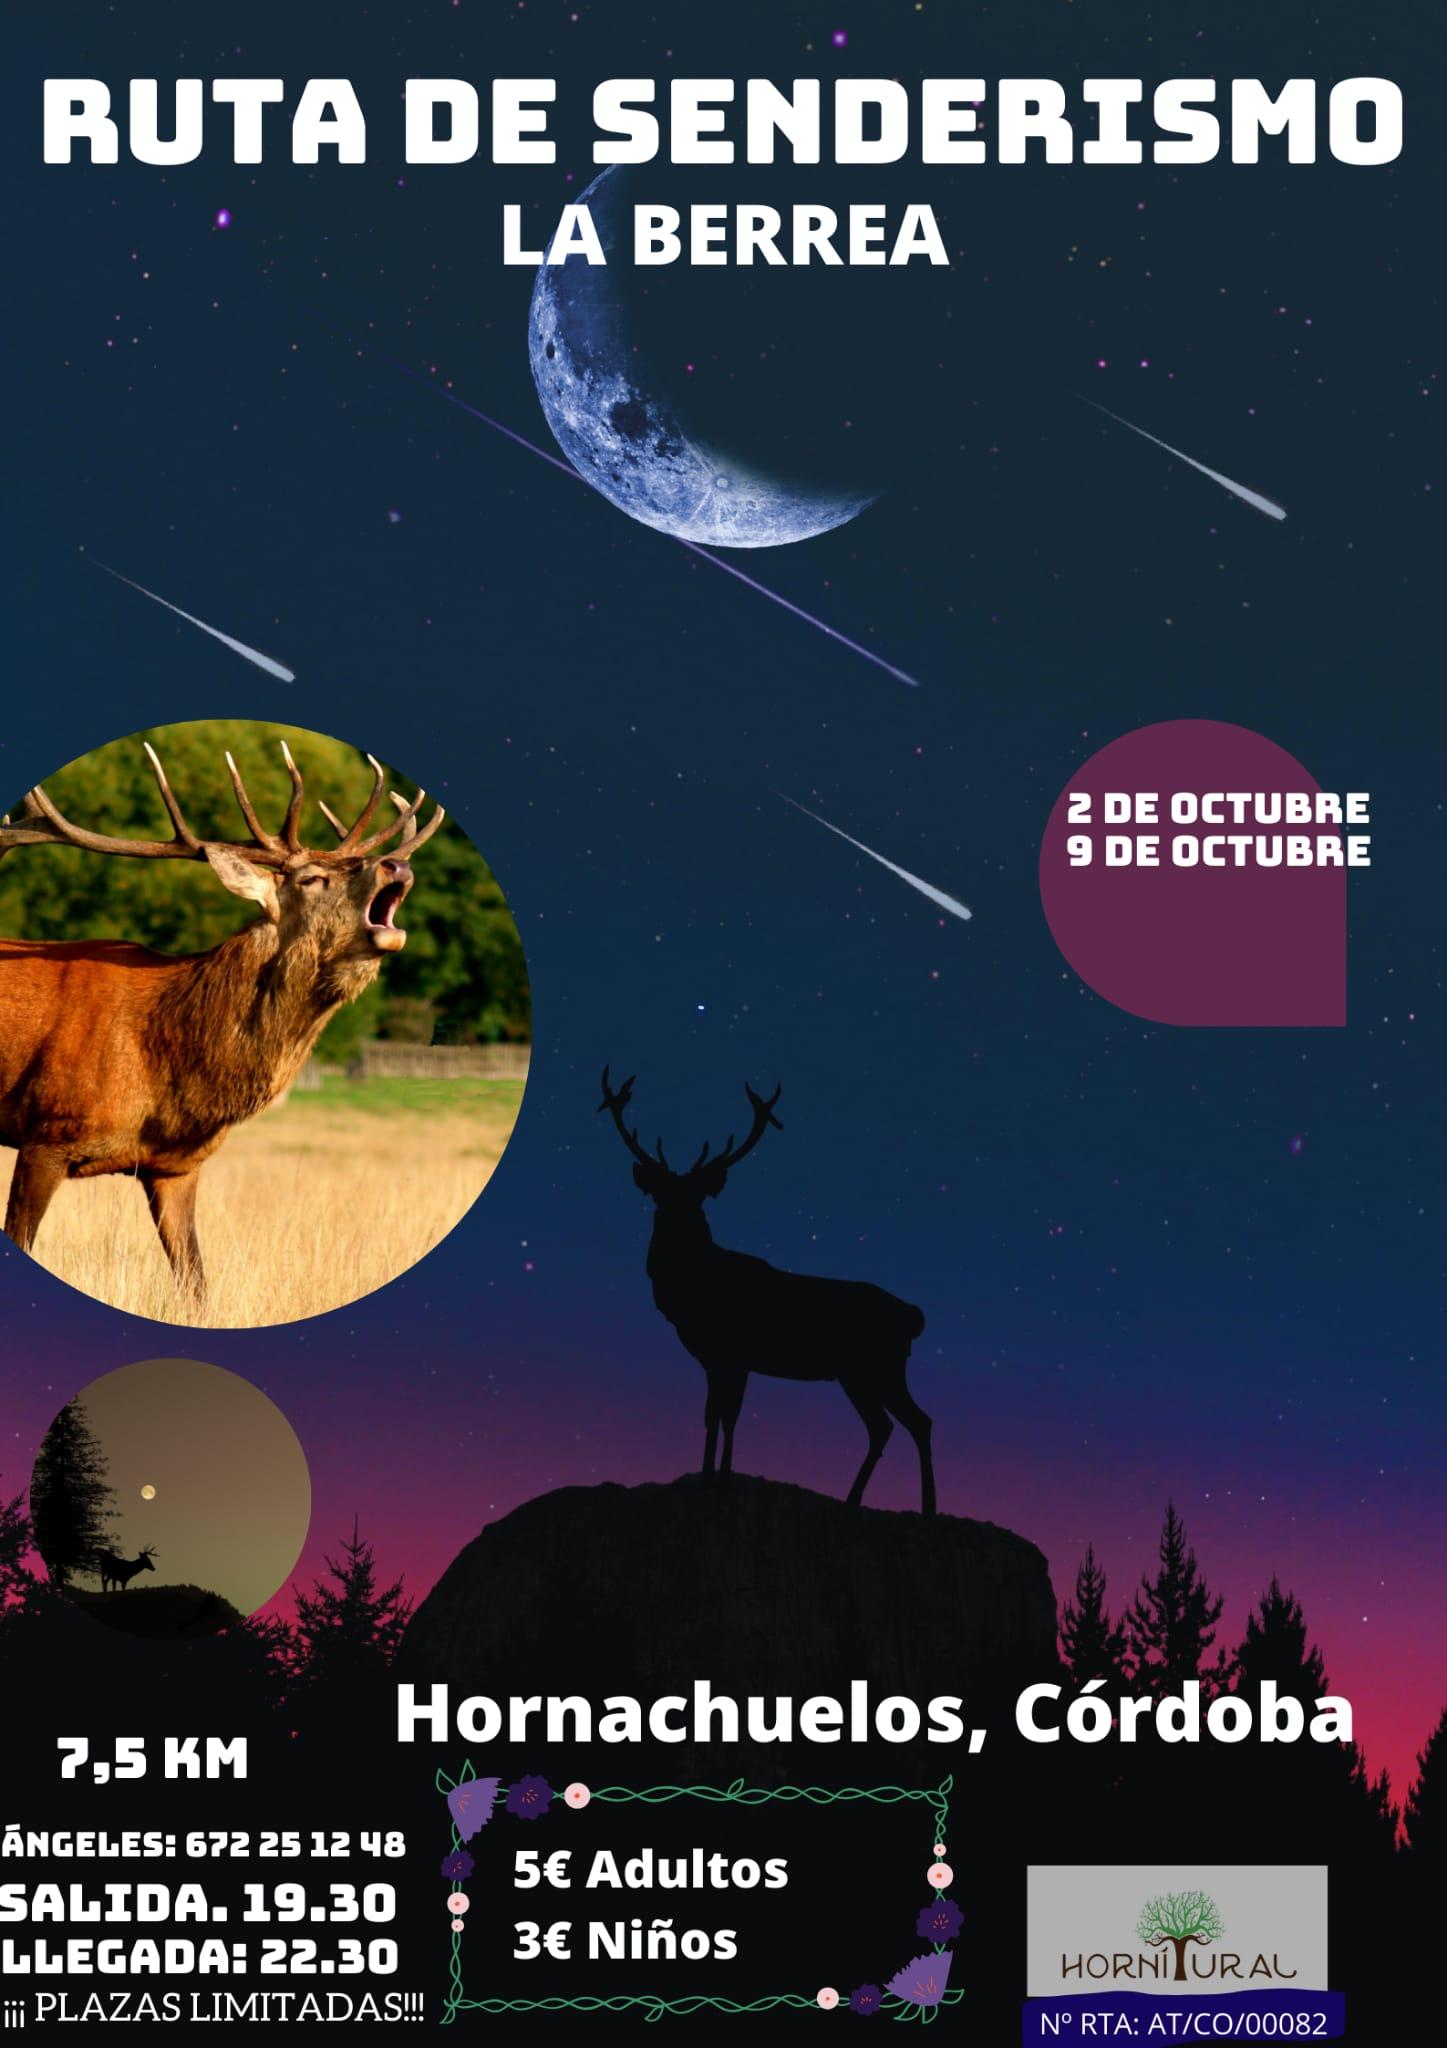 Ruta de Senderismo berrea 2 y 9 de octubre